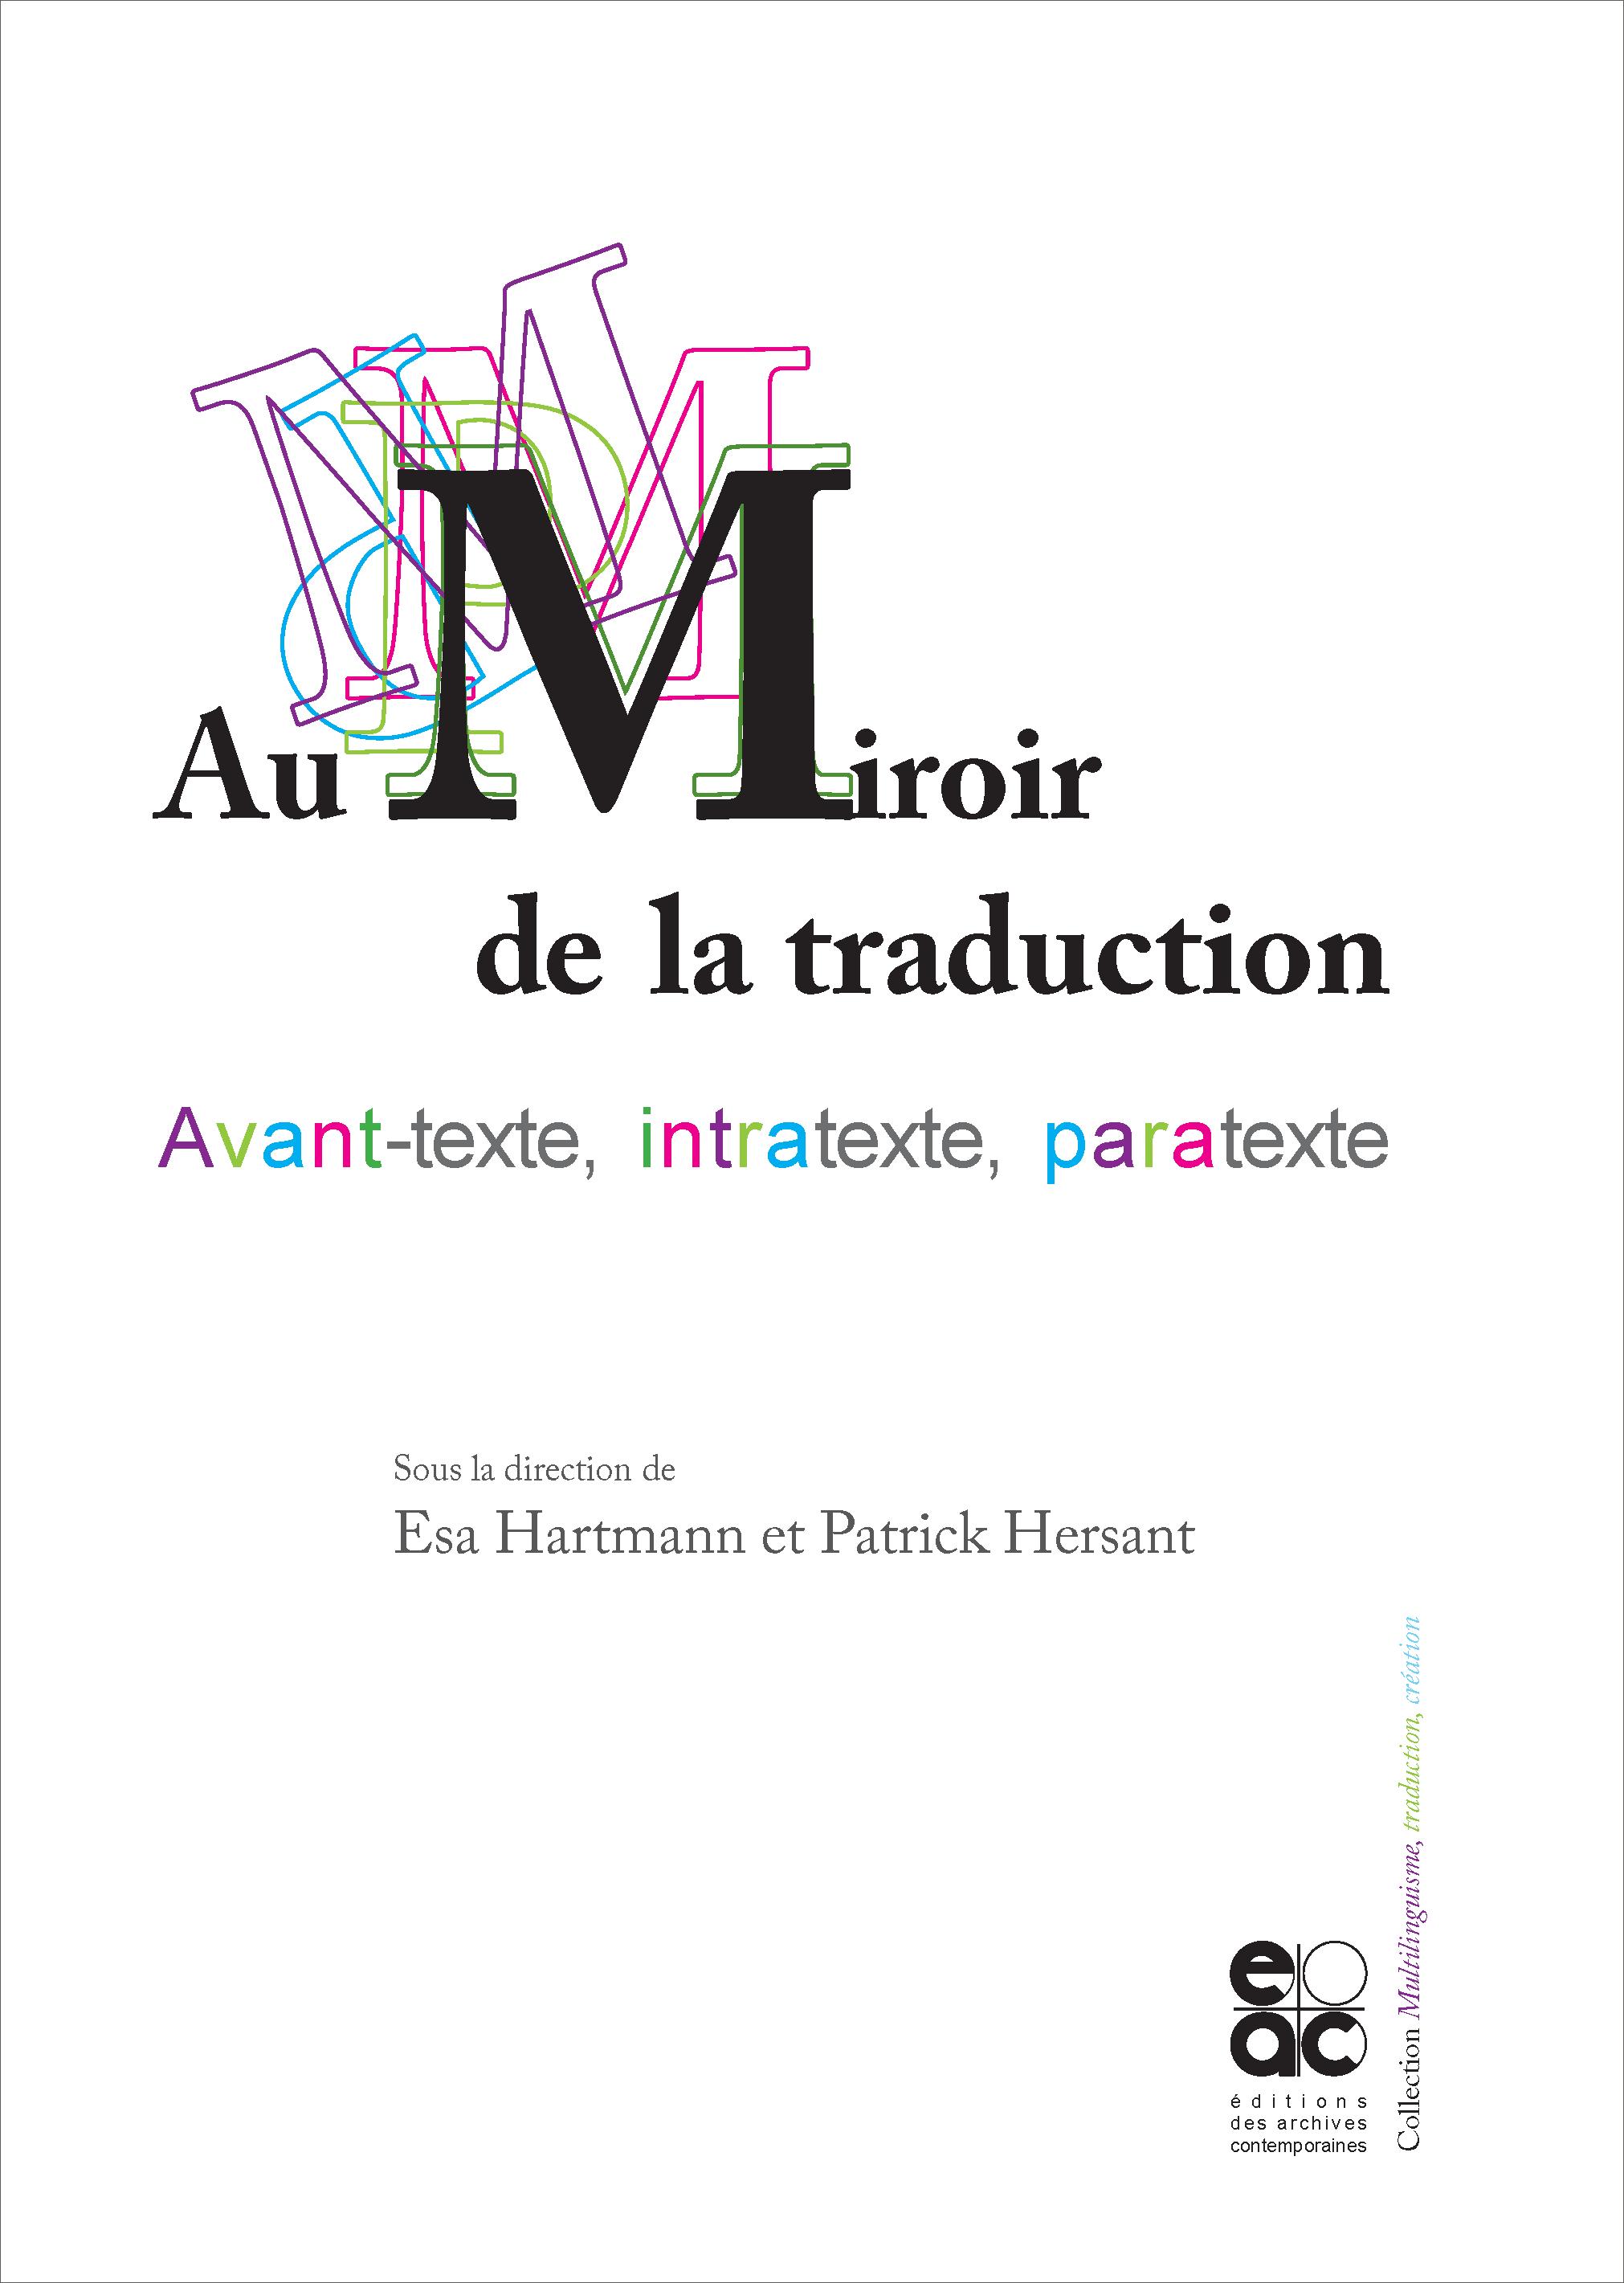 La traduction révisée : exemples, effets, enjeux